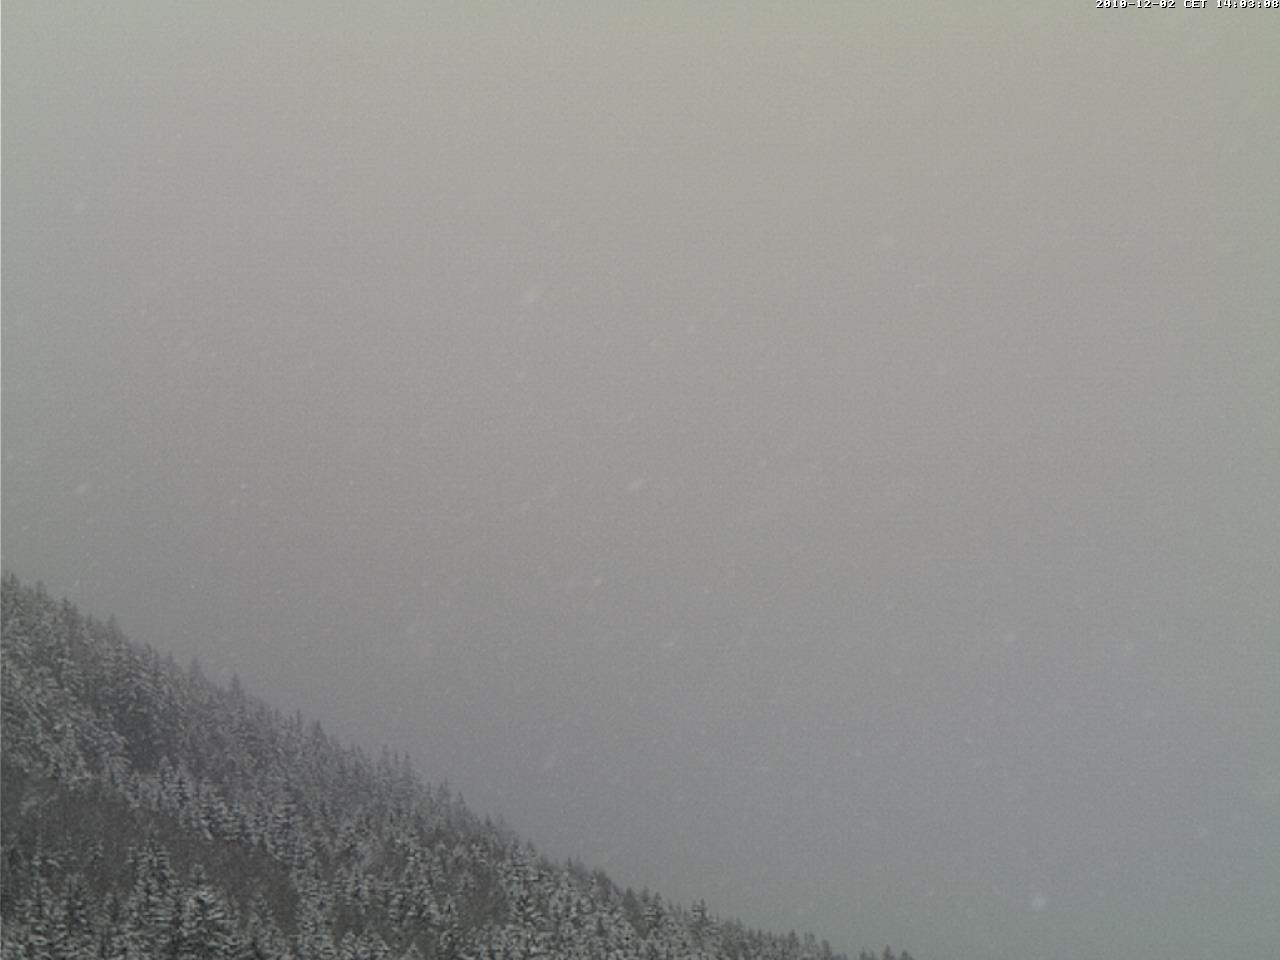 Webcam Gossensas - Pflersch Valley - Mountains